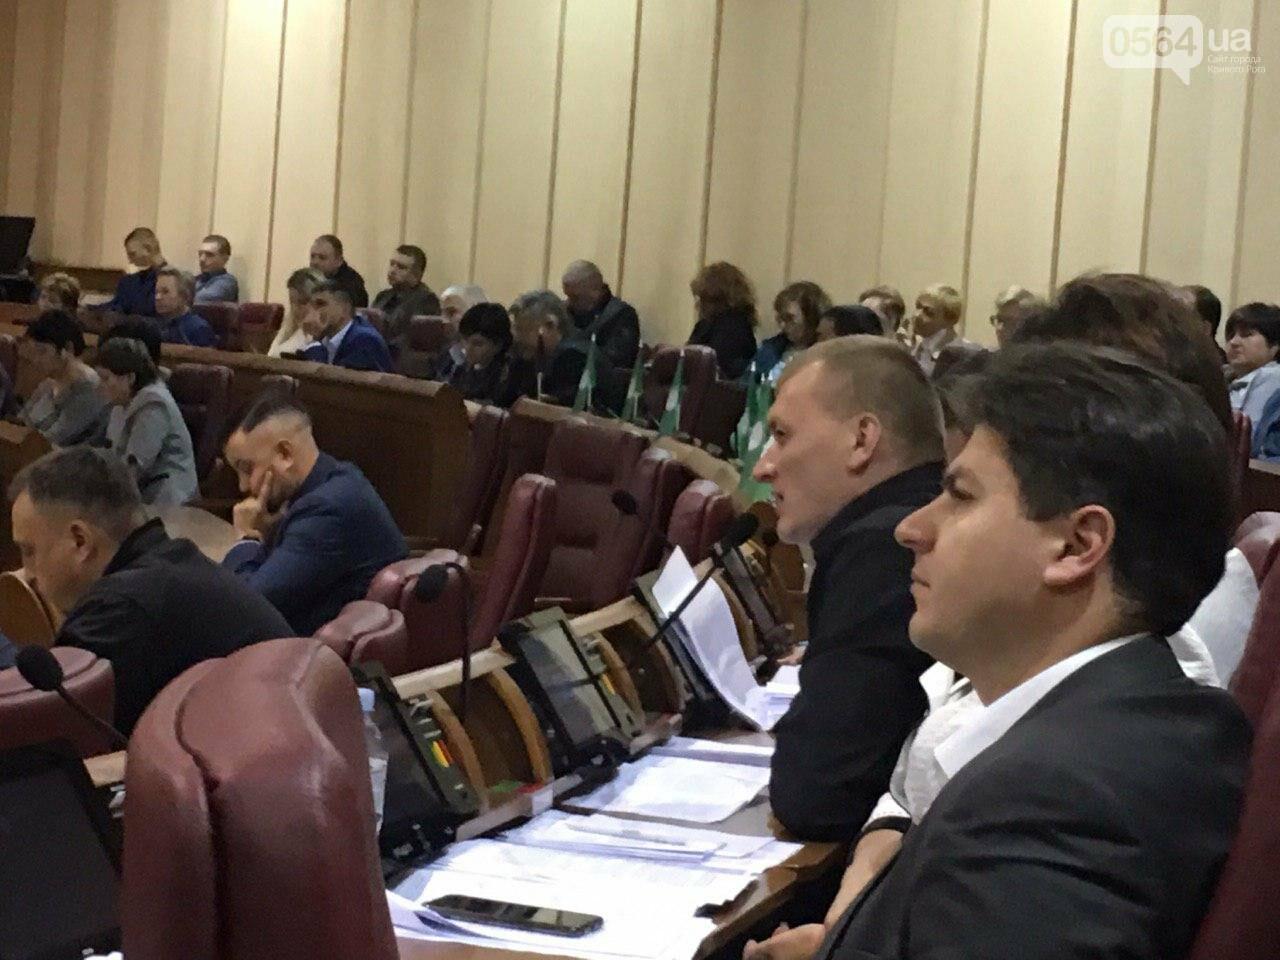 Криворожский городской совет не доверил экс-нардепу Павлову должность заместителя мэра, - ФОТО, фото-10